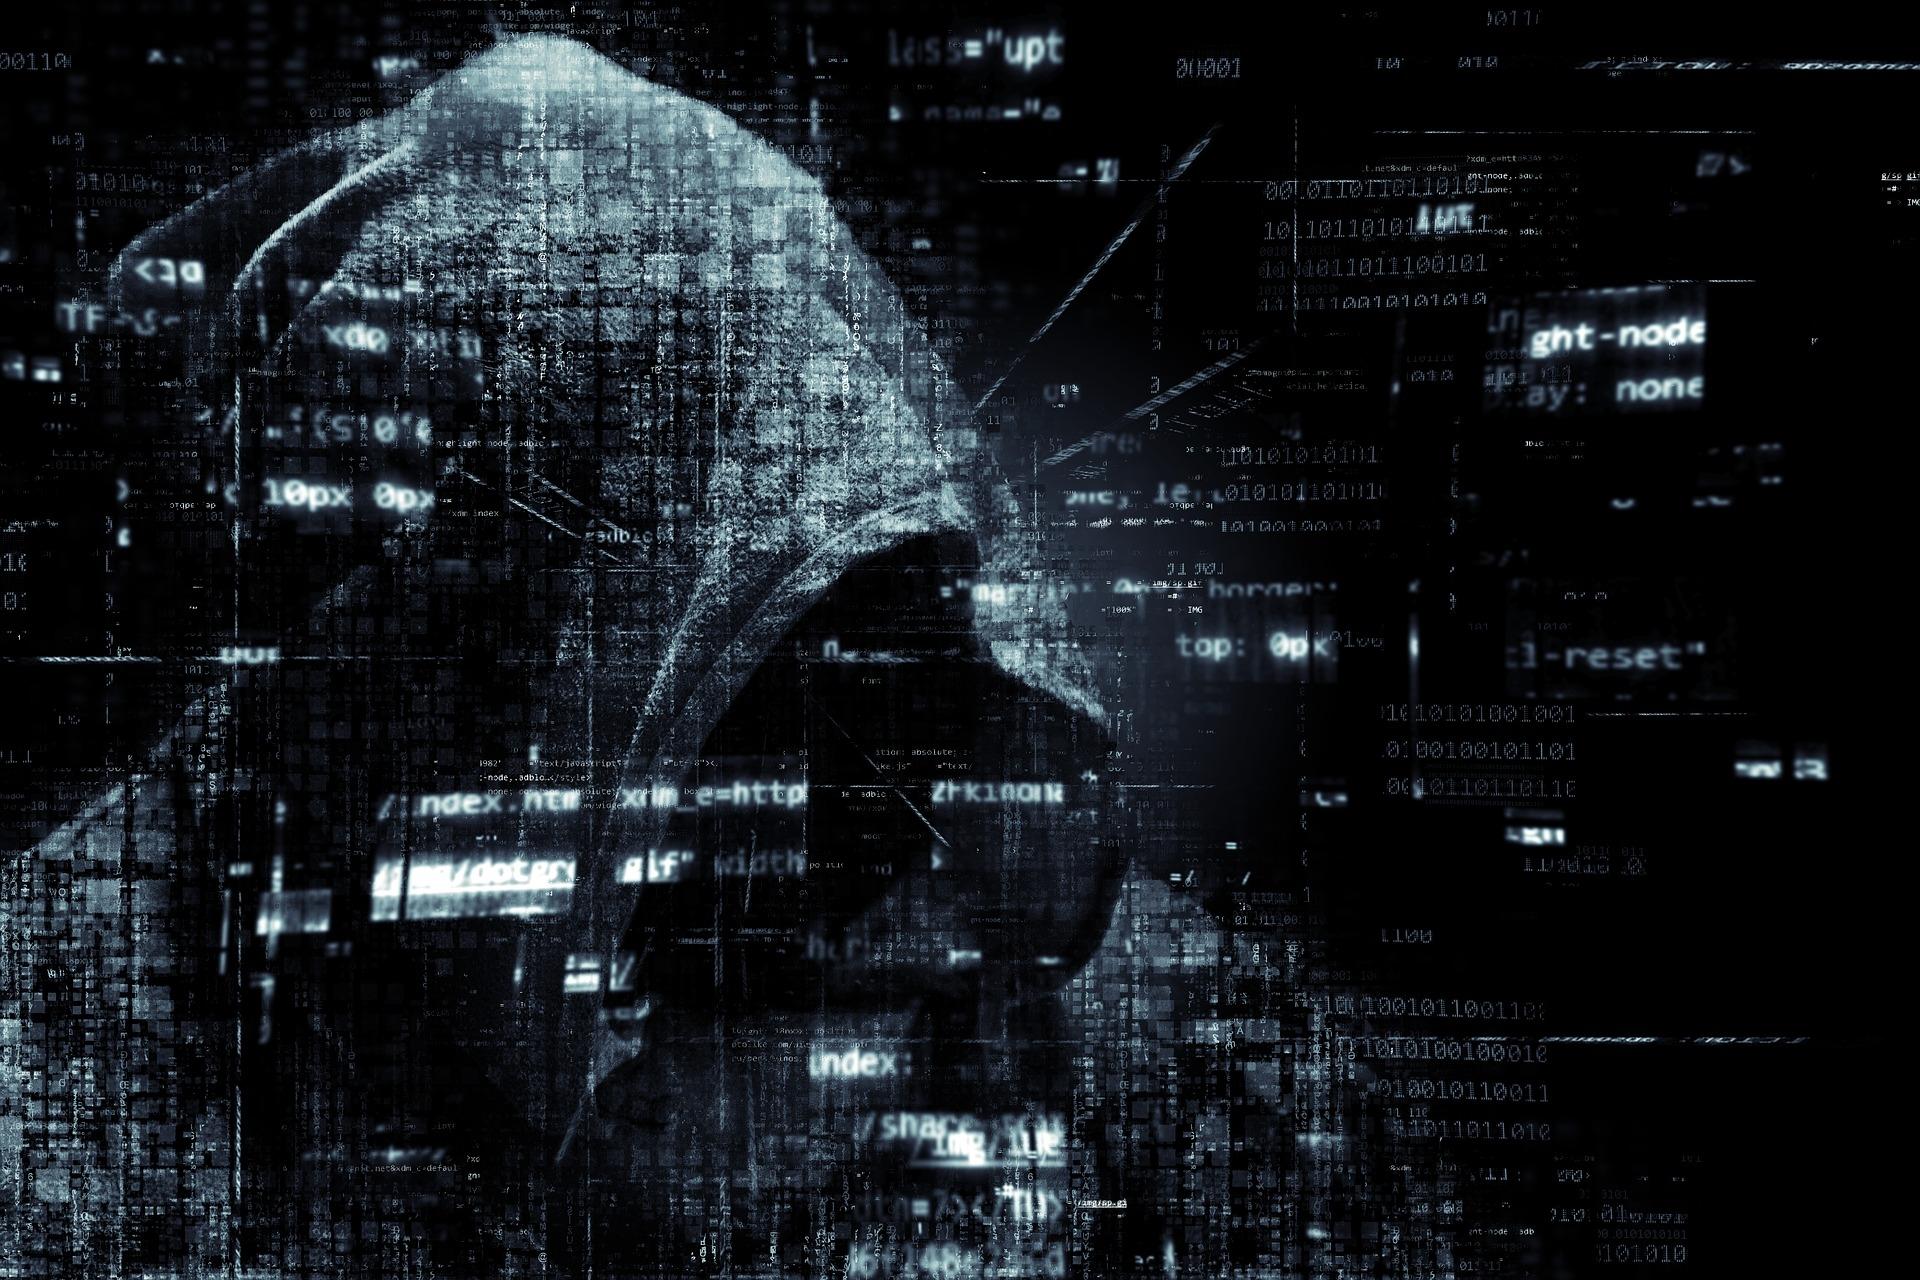 Hacker - 2300772 - 1920